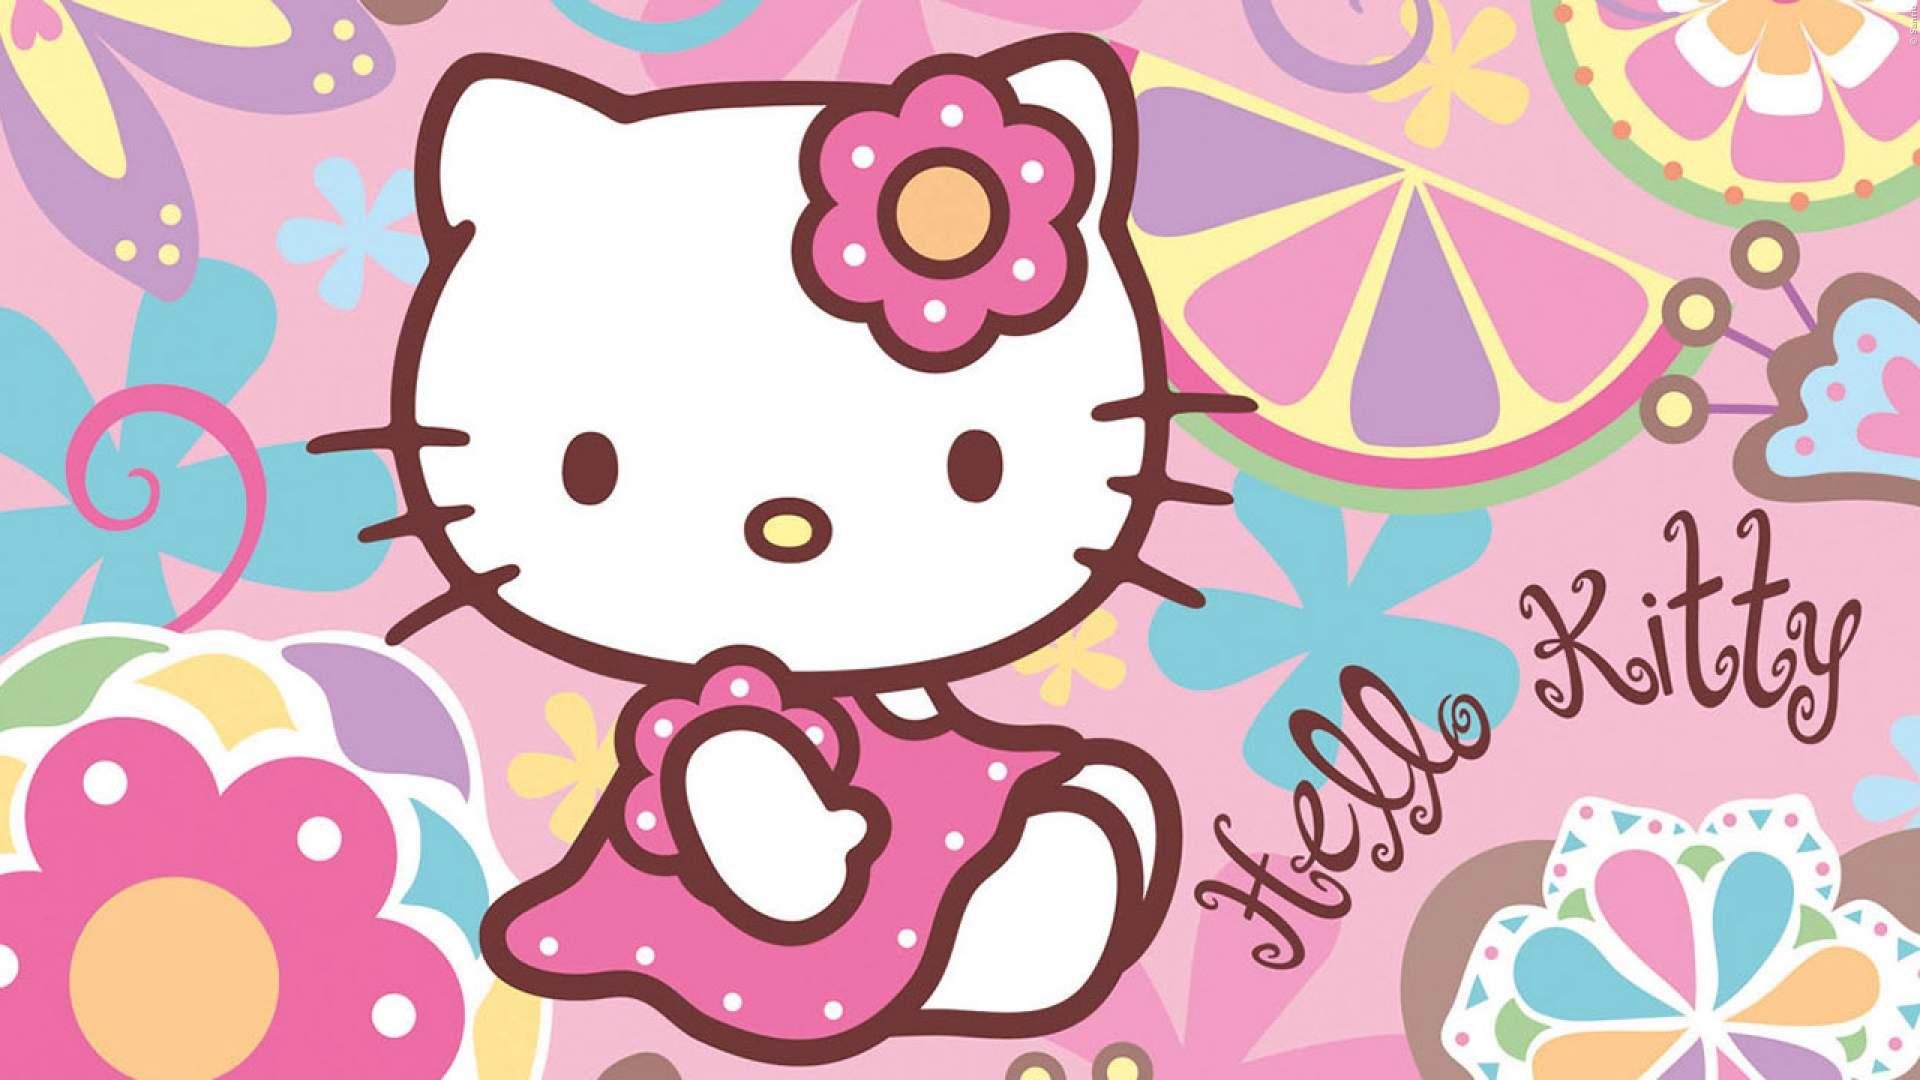 UNGLAUBLICH: 'Hello Kitty'-Kinofilm geplant - Alle Infos dazu hier